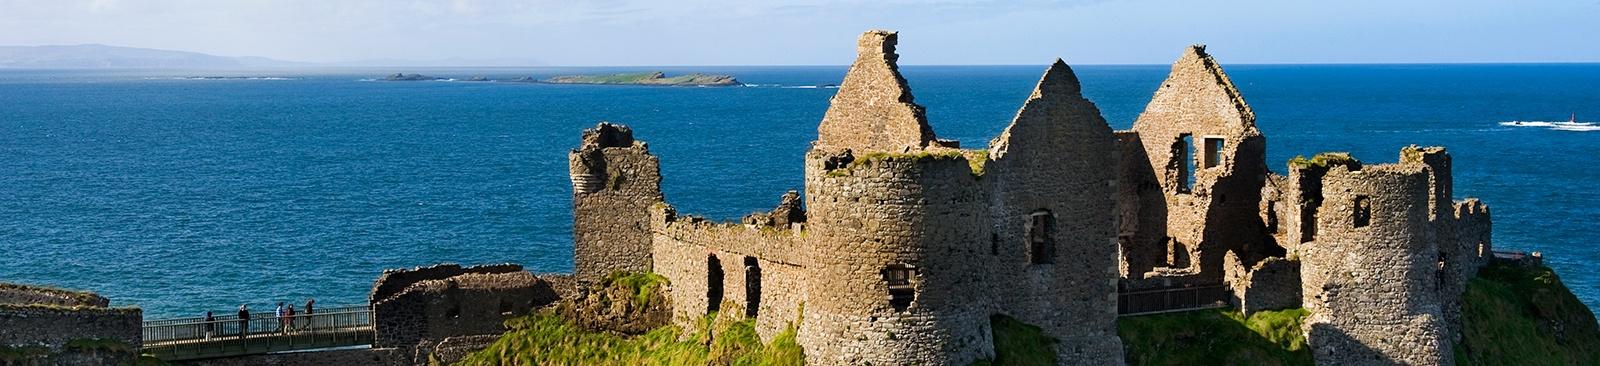 Castle ruins overlooking the ocean